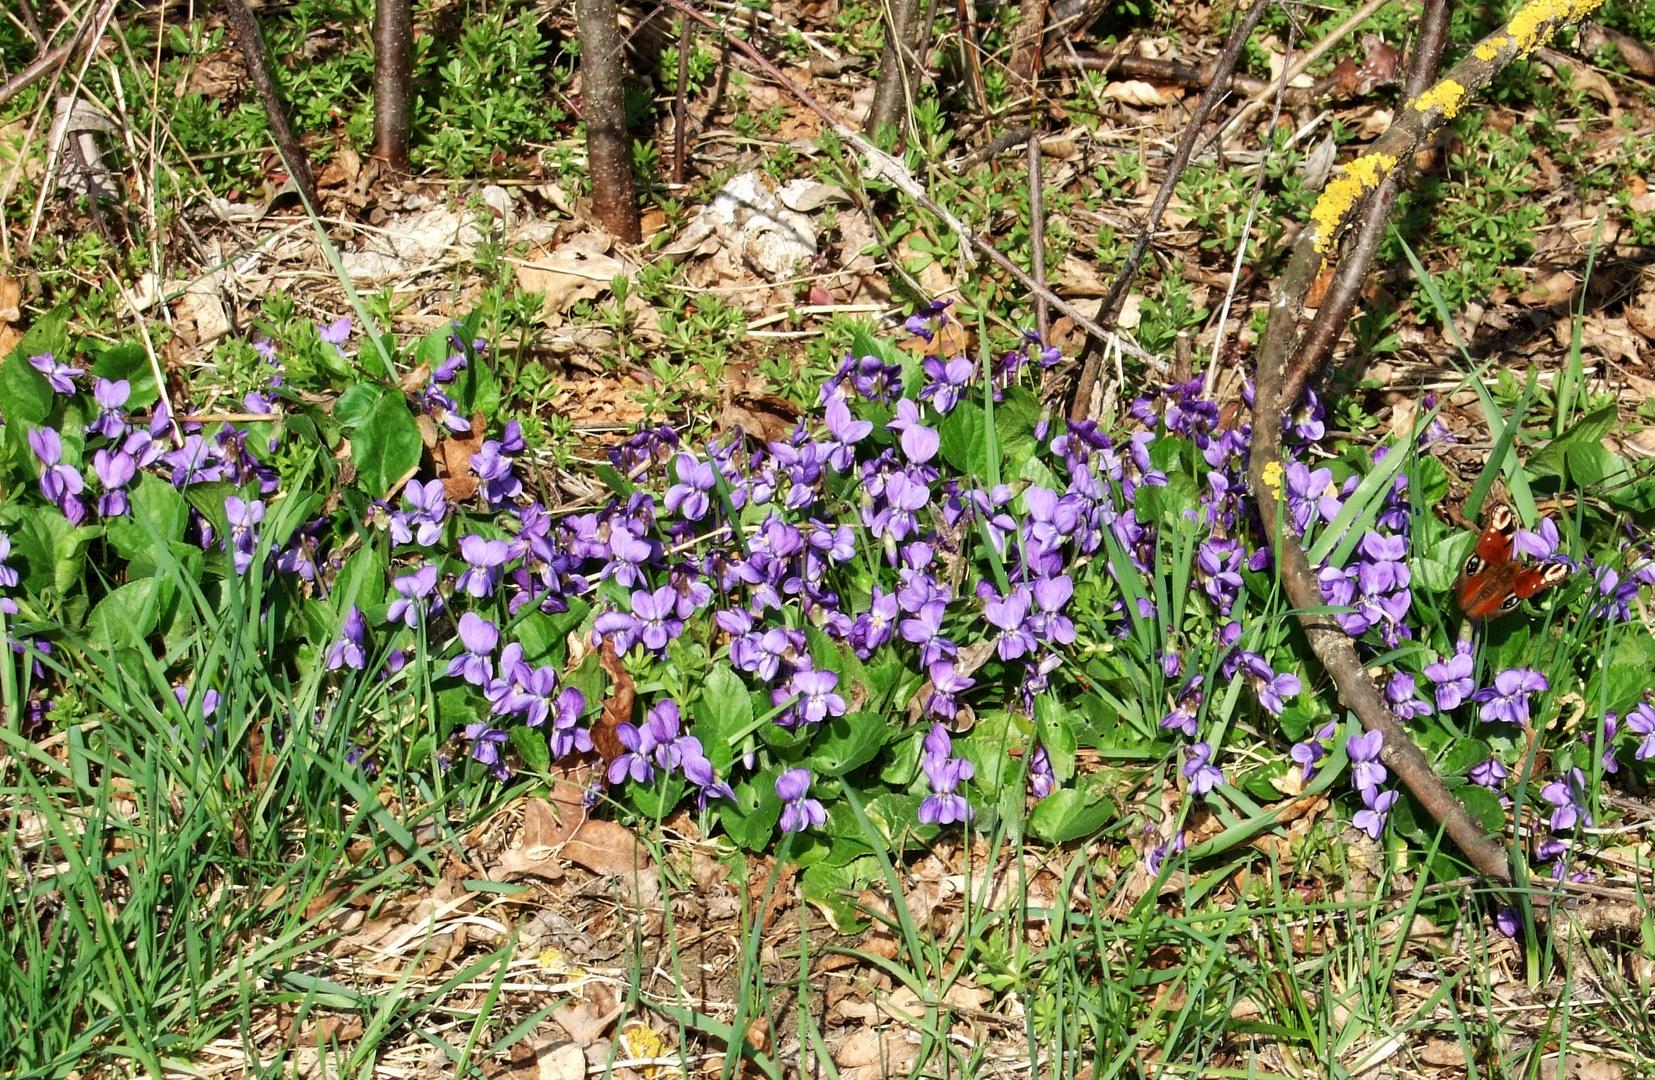 Pfauenauge begrüßt den Frühling